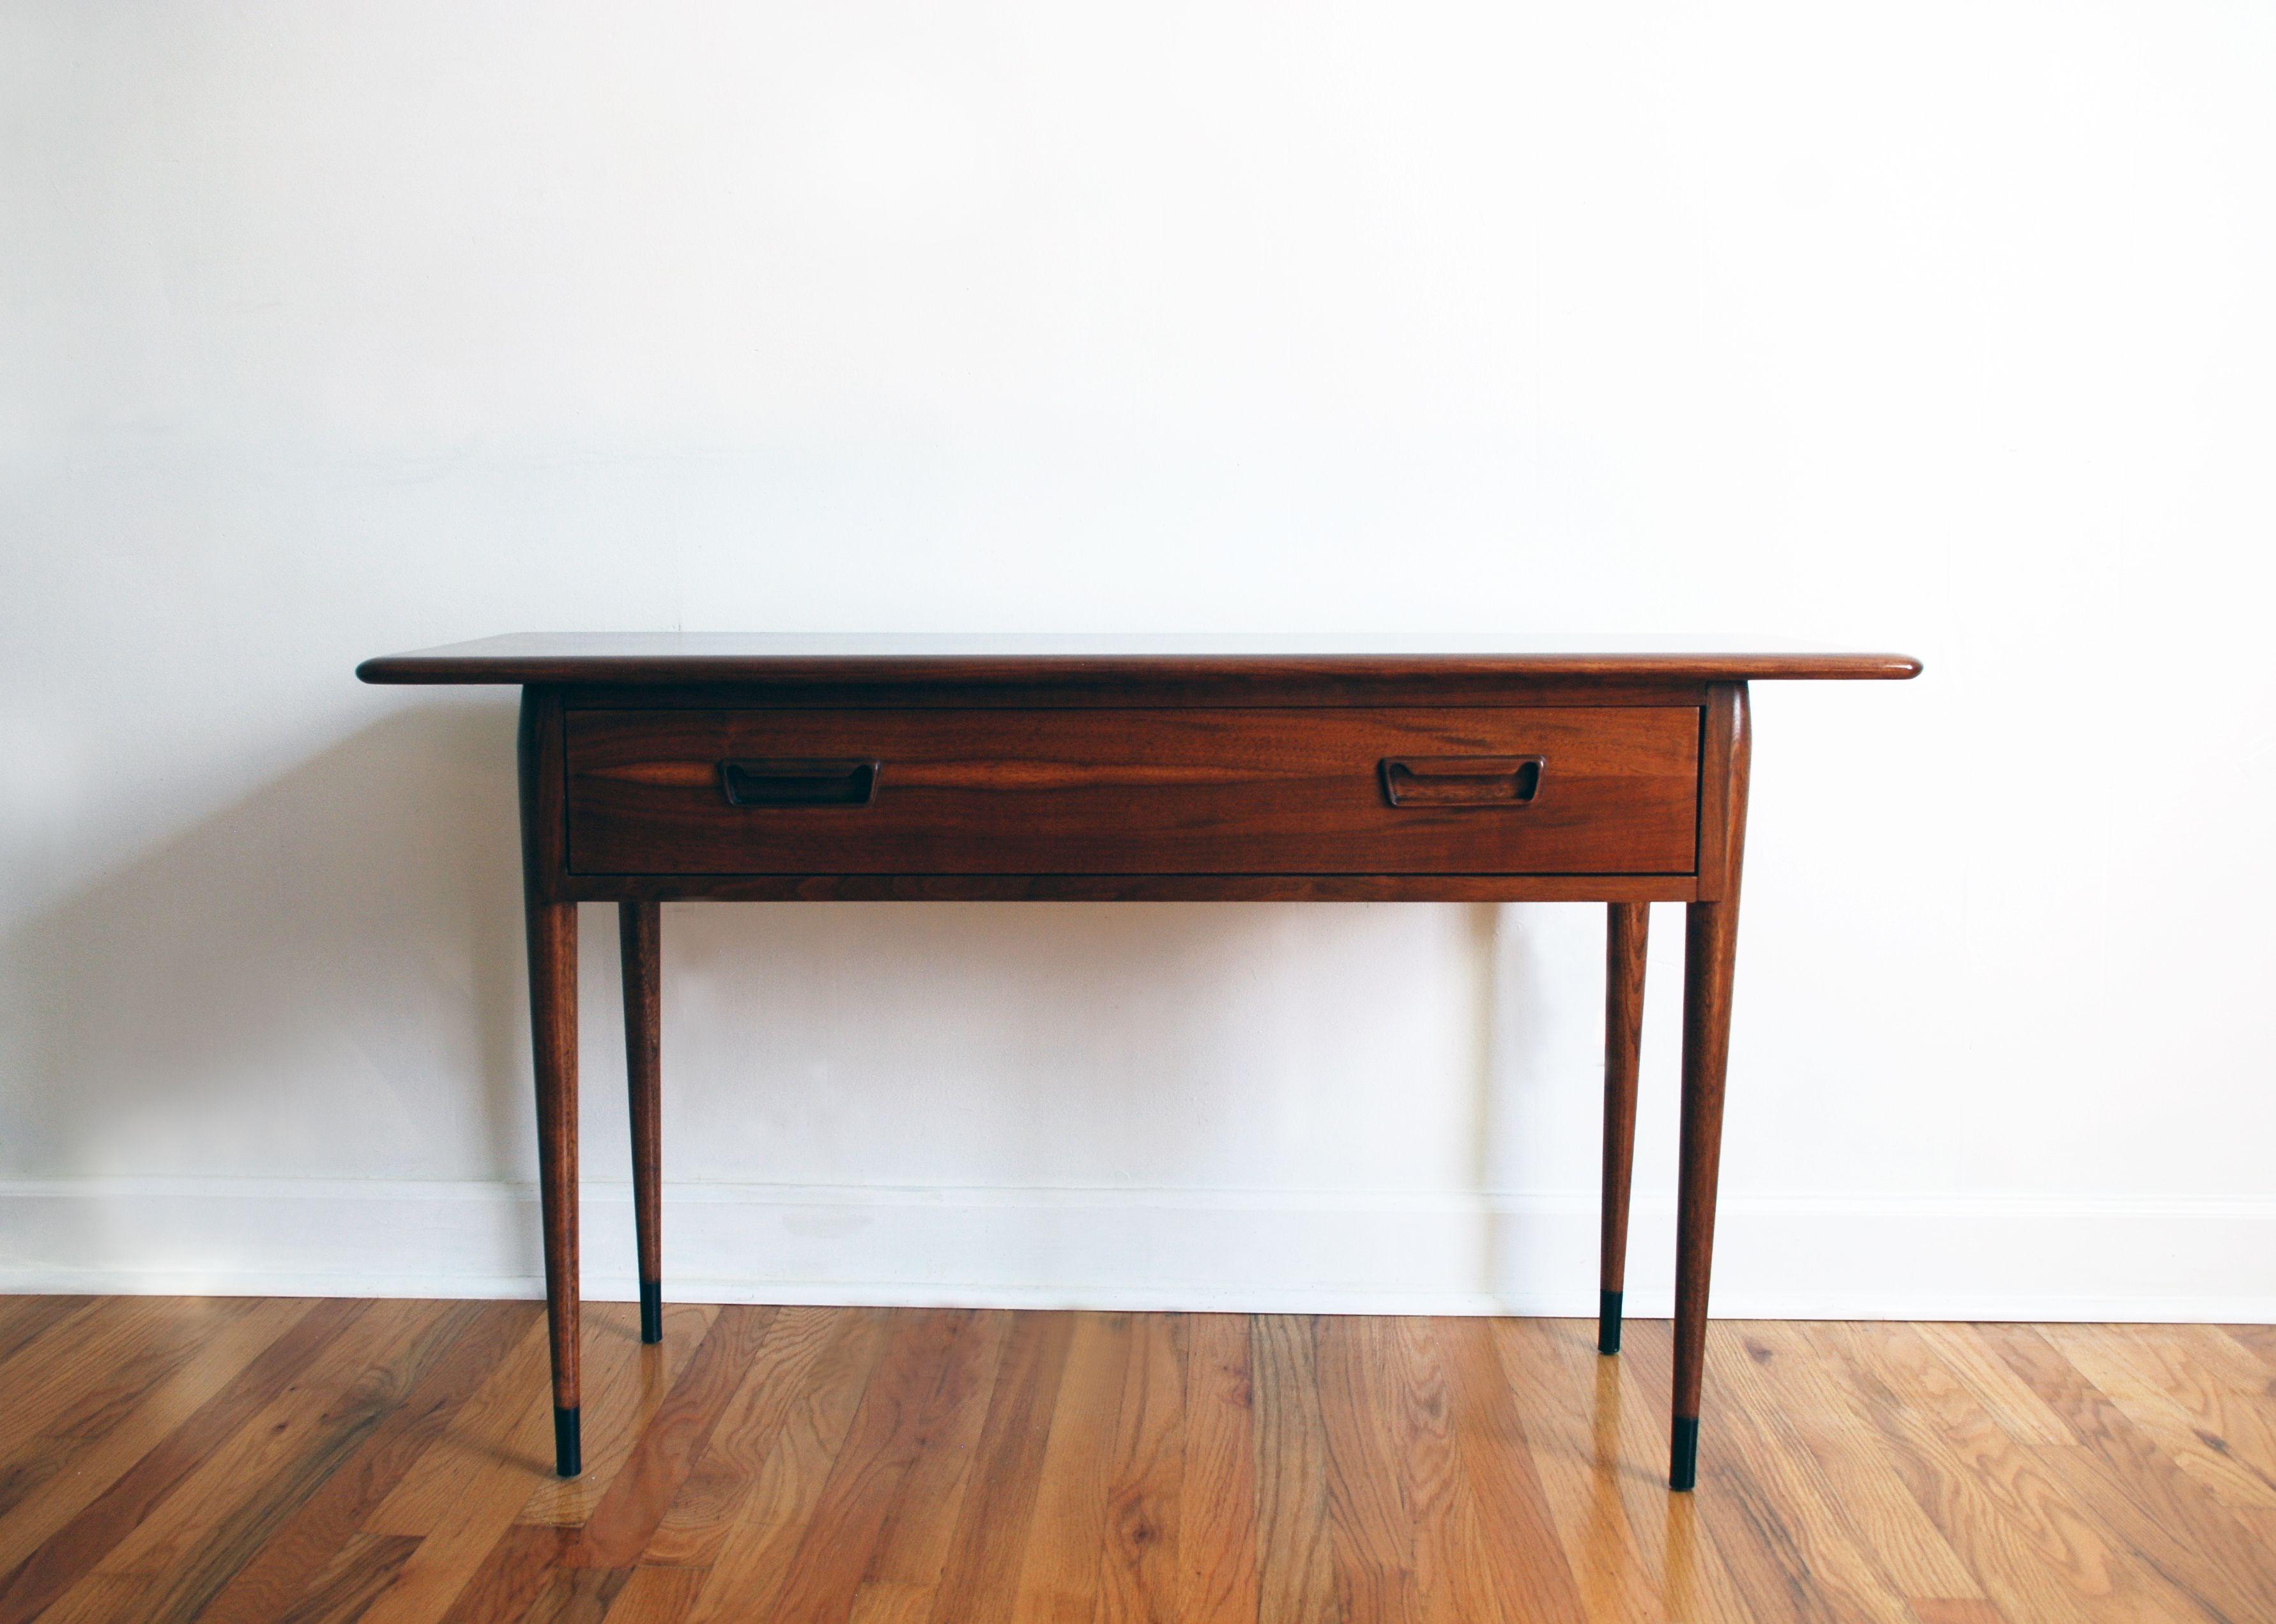 Vintage Lane Sofa Table Grand Tour Leather Acclaim Baci Living Room